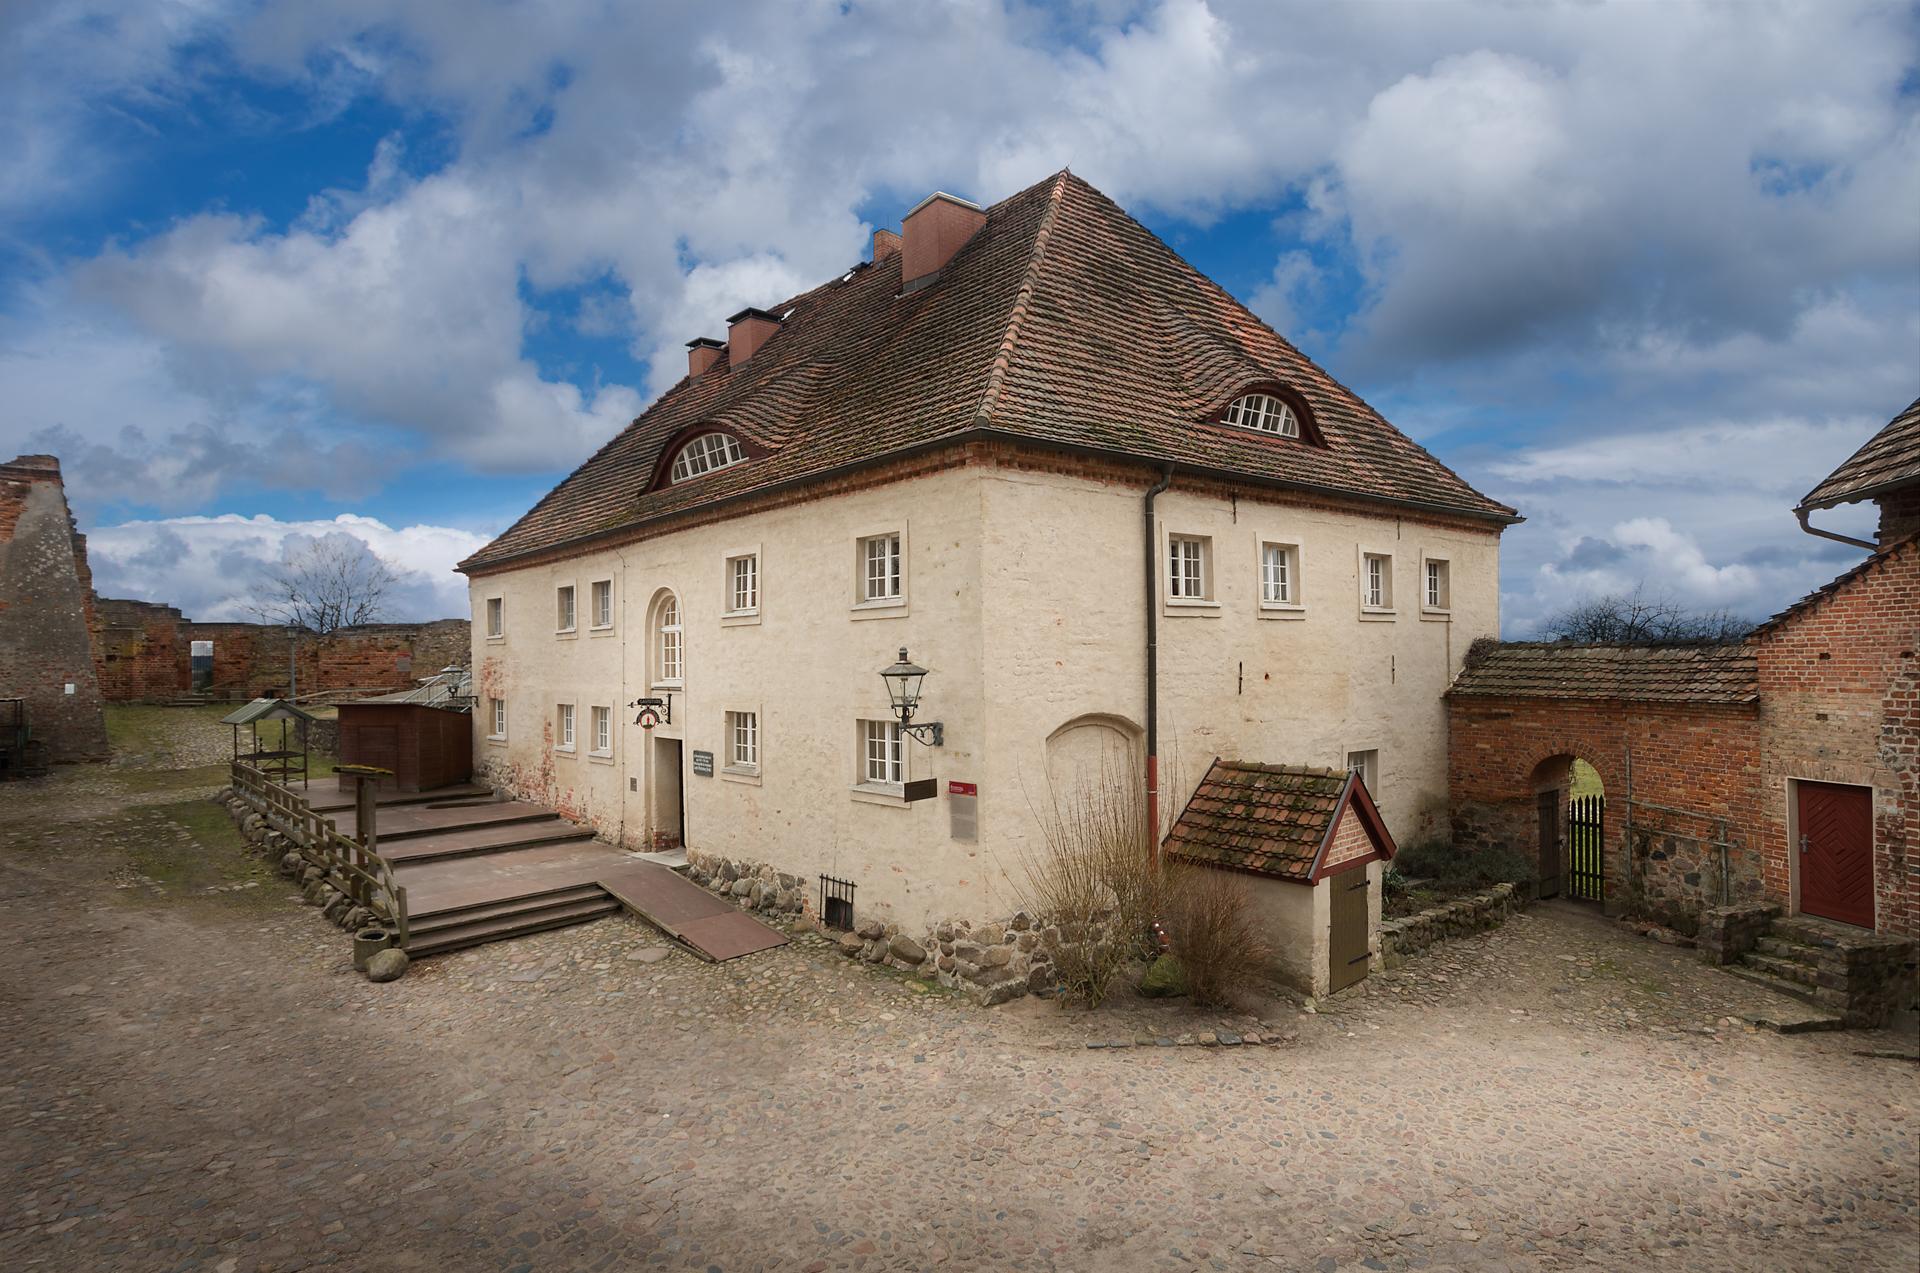 Alte Münze - Burg Stargard